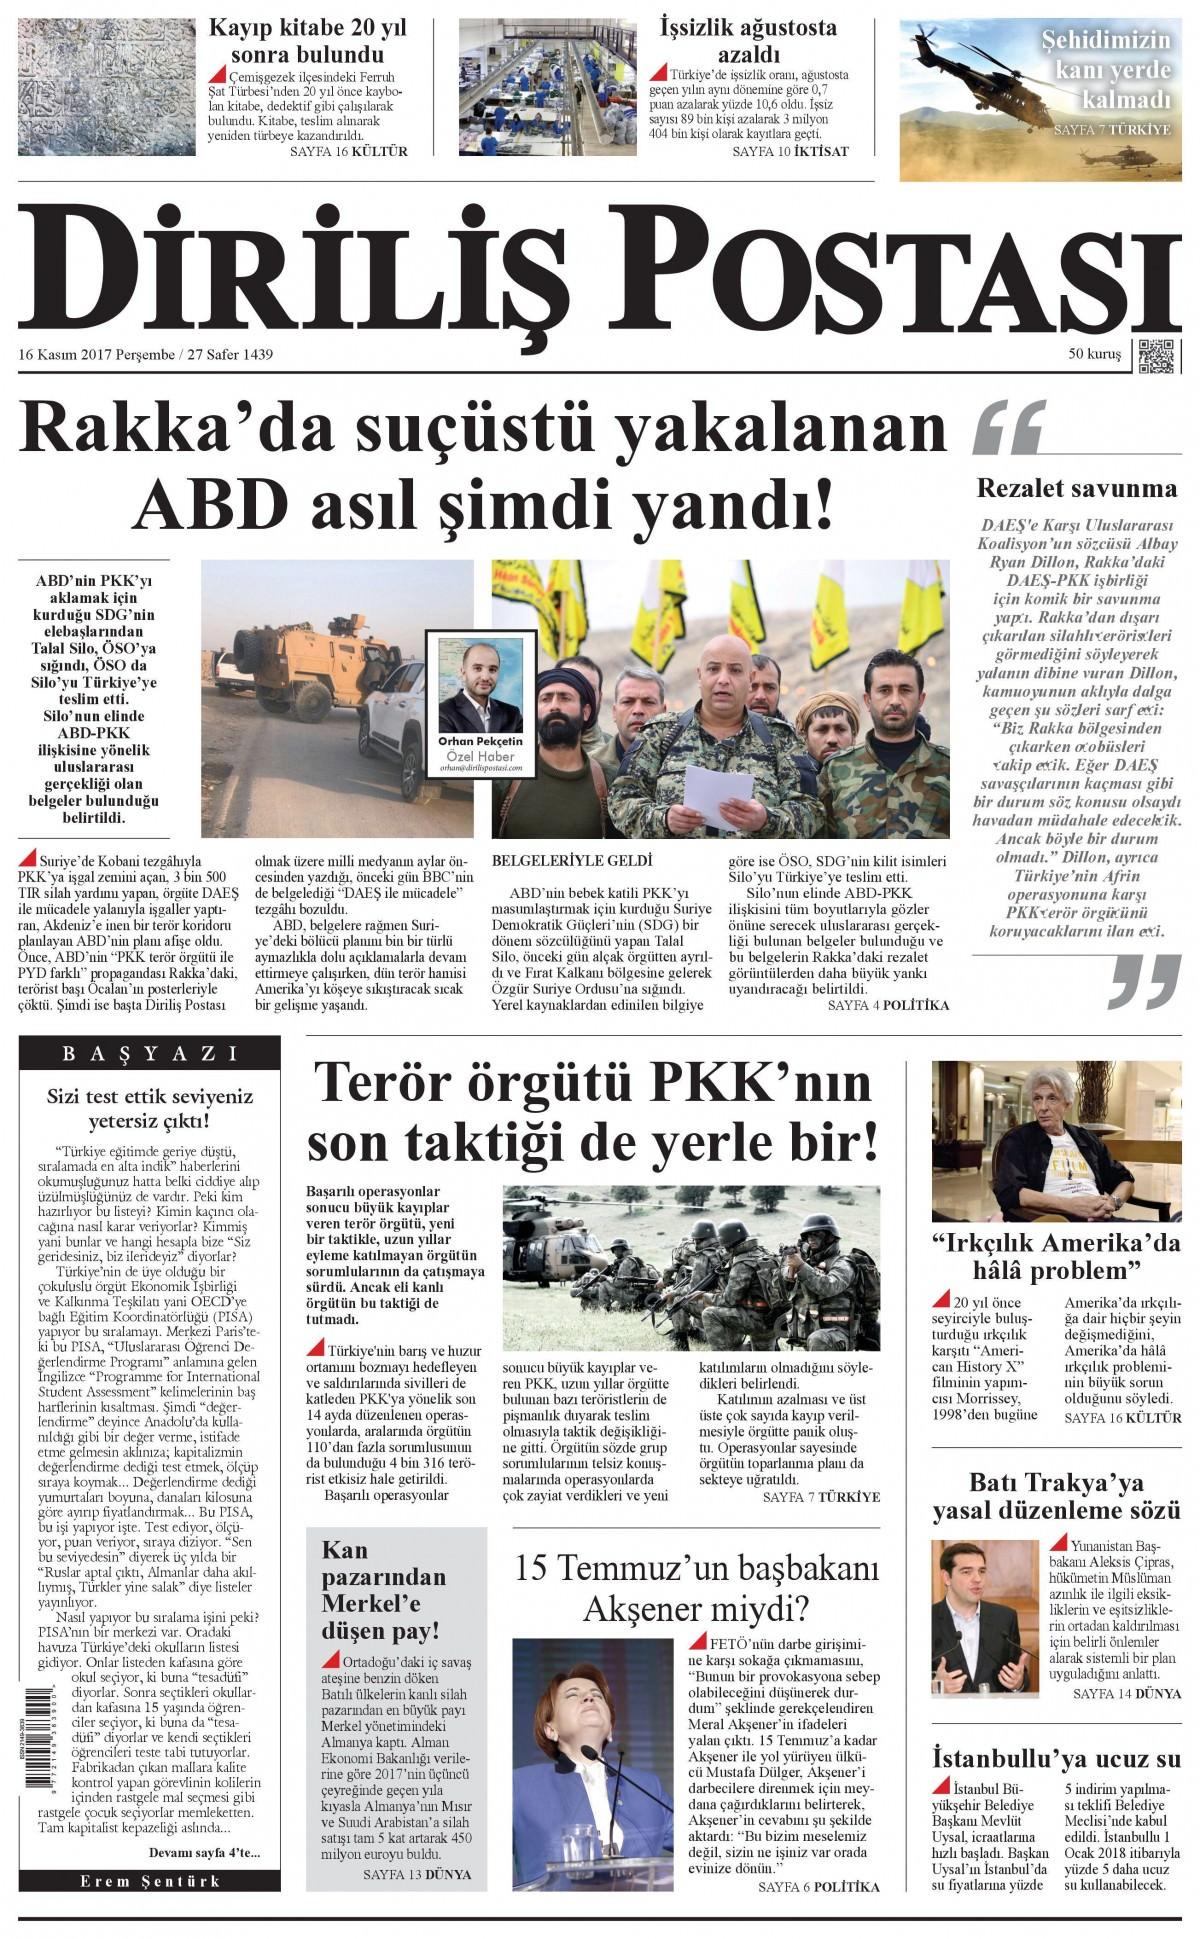 Günün gazete manşetleri (16 Kasım 2017) 18